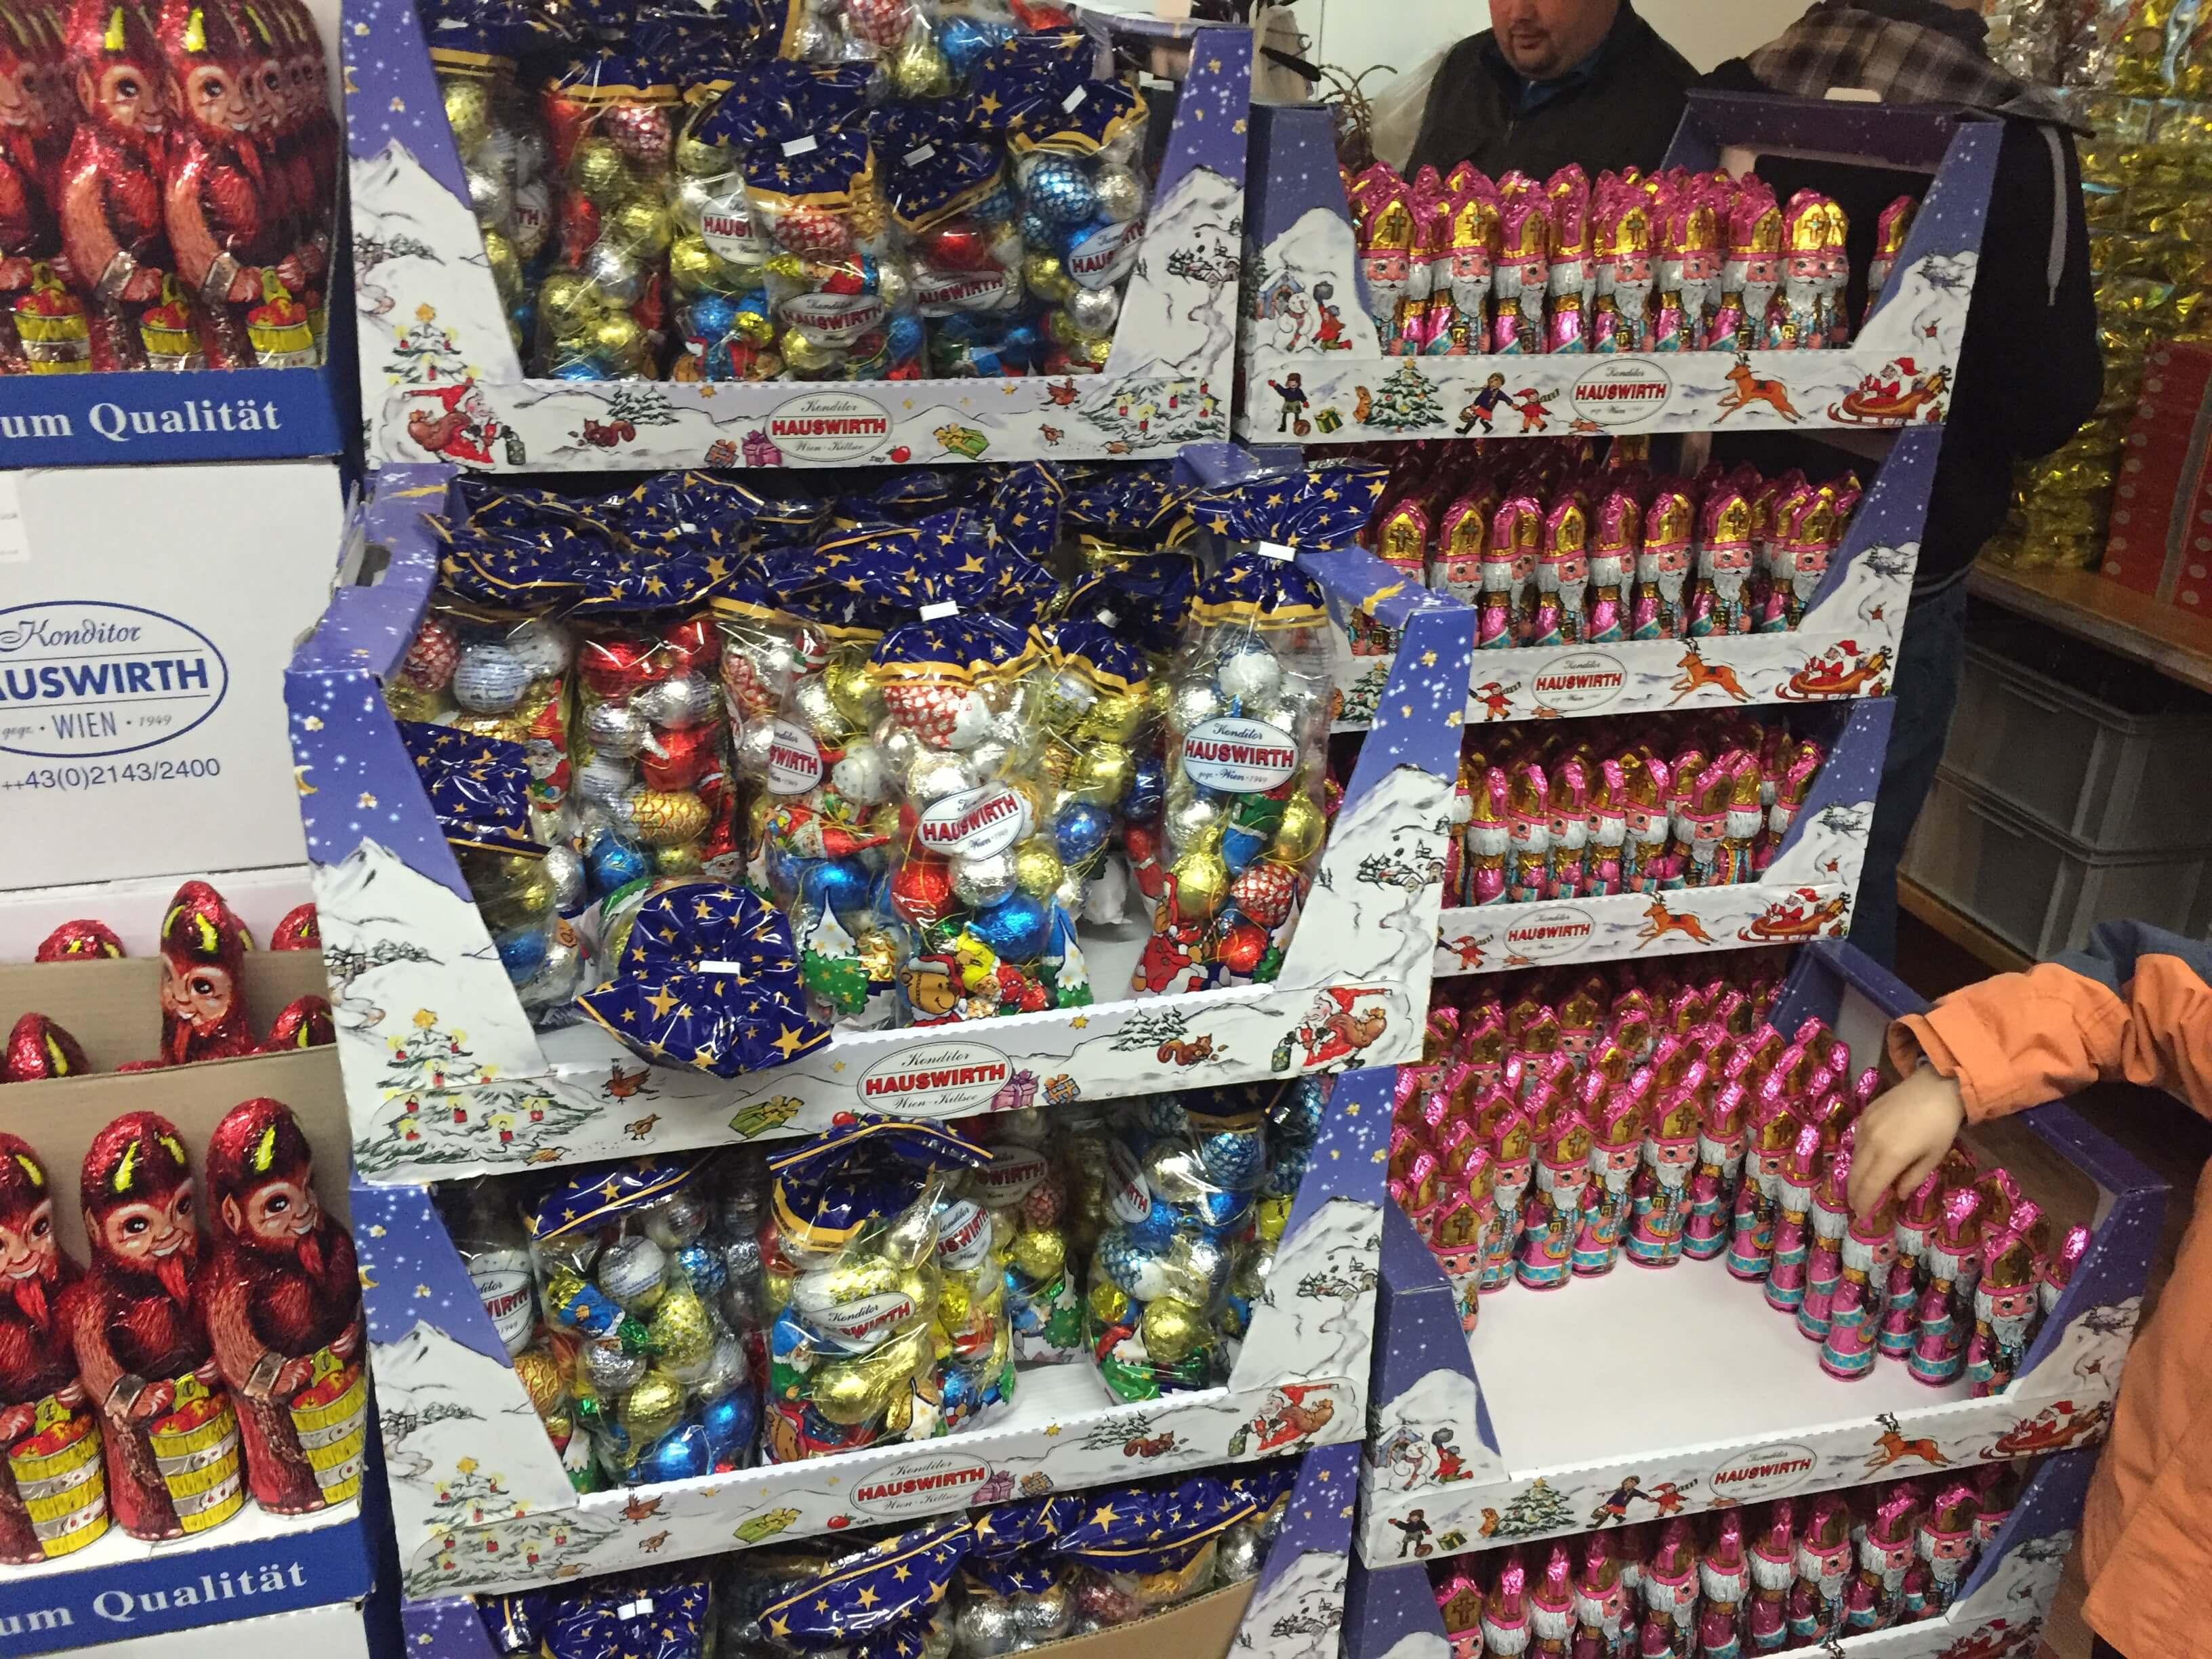 V podnikovej predajni Schoko-Csárda v Kittsee si môžete zakúpiť široký  sortiment čokoládových výrobkov za skutočne výhodné ceny a väčšinu výrobkov  môžete ... ccb3929b790